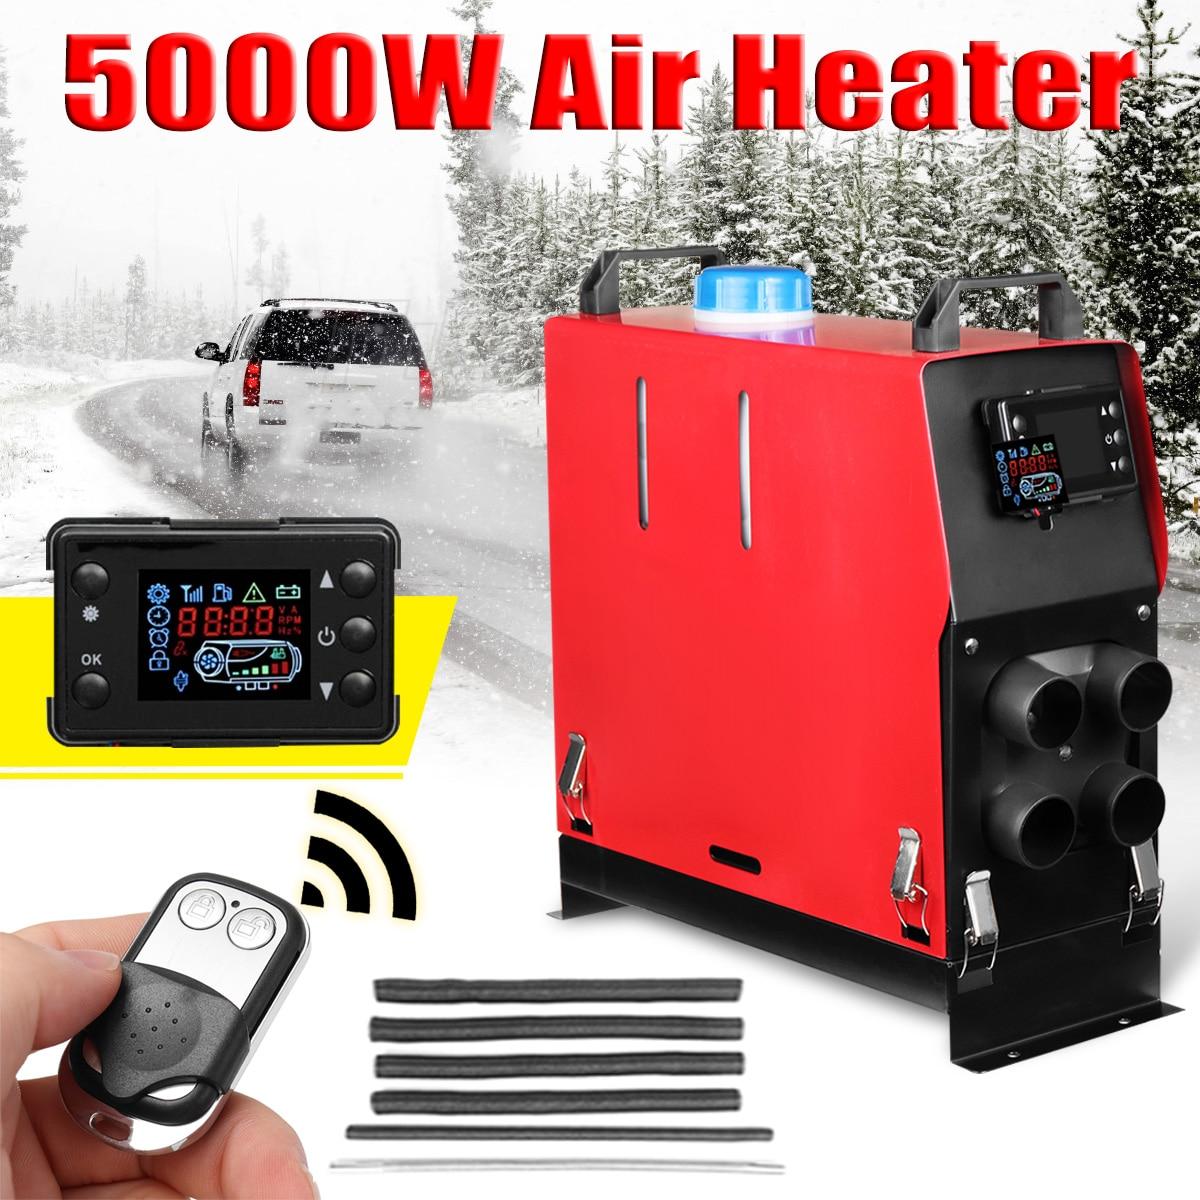 Все в одном 5000 Вт воздушные Дизели стояночный обогреватель 5 кВт 12 в автомобильный обогреватель для грузовиков моторные дома лодки Автобус +...